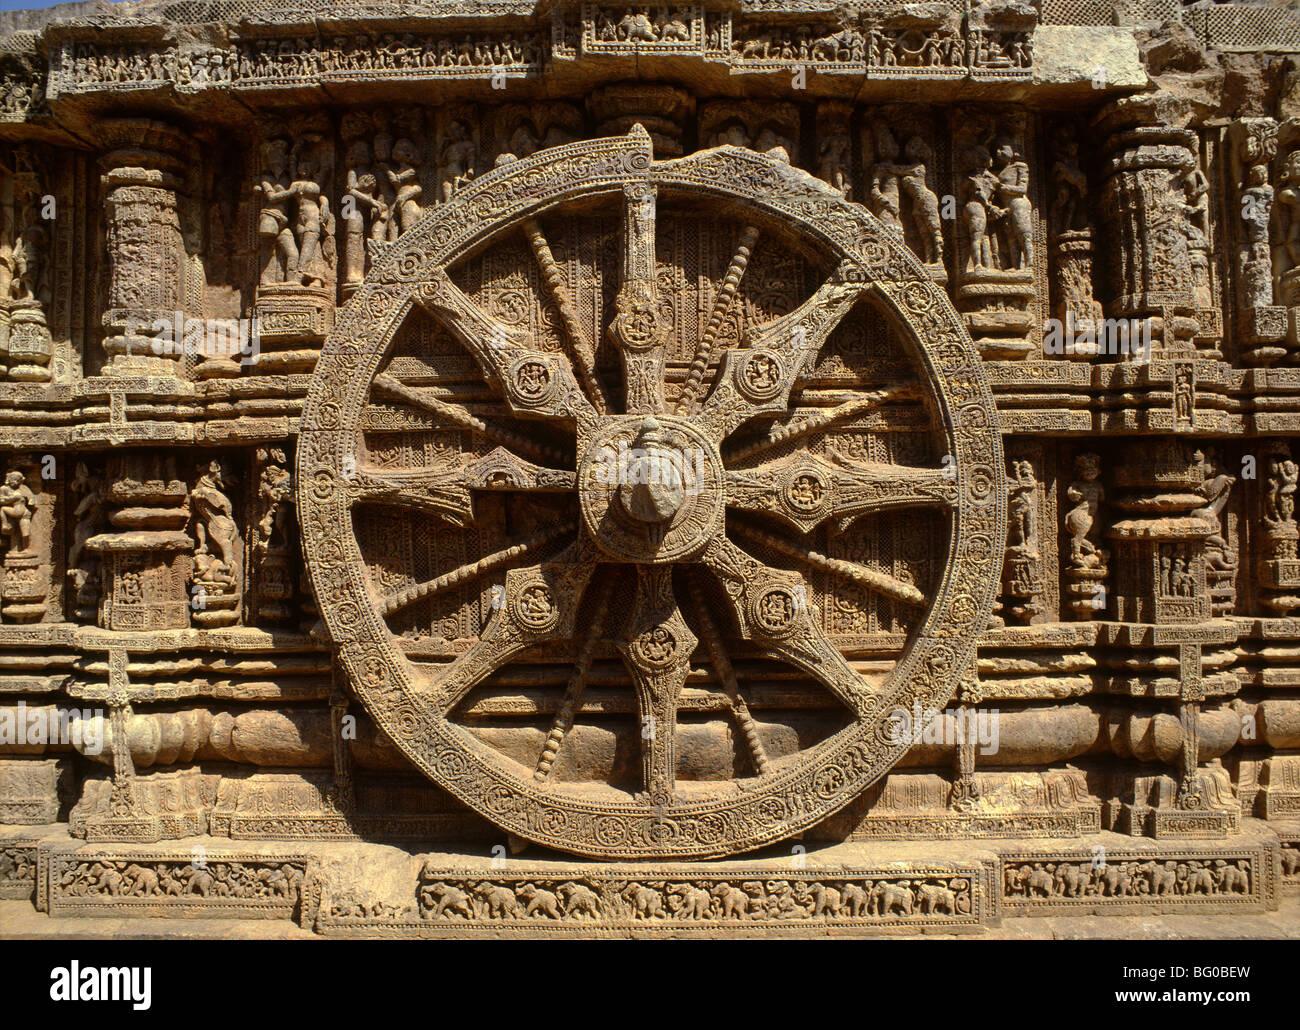 Roue de Surya's char sur l'extérieur du Temple du Soleil, datant du 13e siècle, Konarak, Orissa, Photo Stock